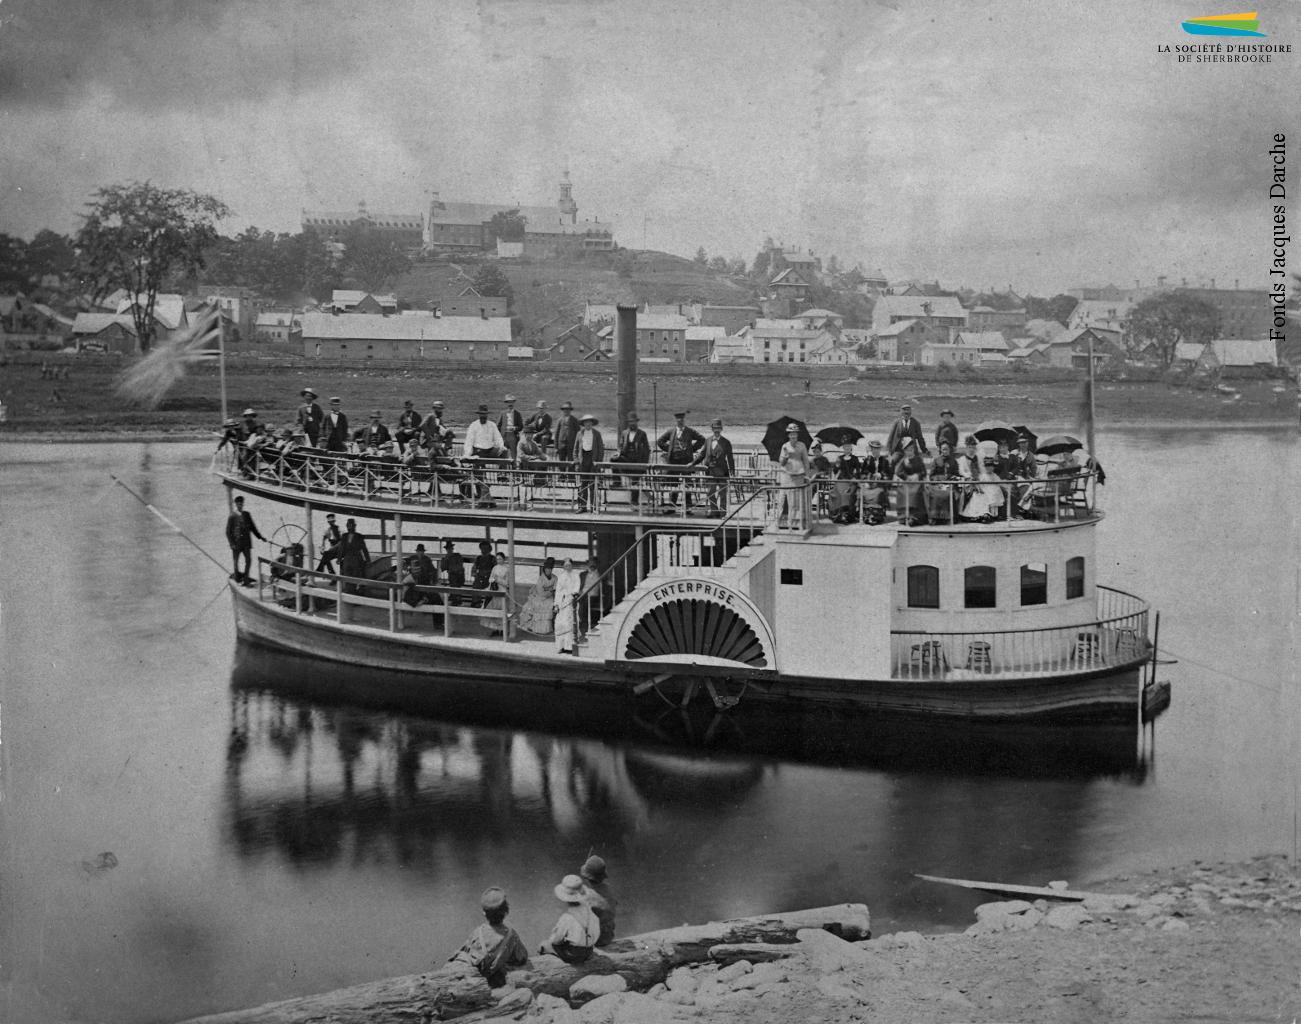 Le bateau à vapeur <em>Enterprise</em> sur la rivière Saint-François, vers 1878. Construit par la manufacture de Sherbrooke Smith & Elkins, il transporte des passagers entre Sherbrooke et Bromptonville (alors Brompton Grove). L'<em>Enterprise</em> ne reste toutefois en service que deux ans.